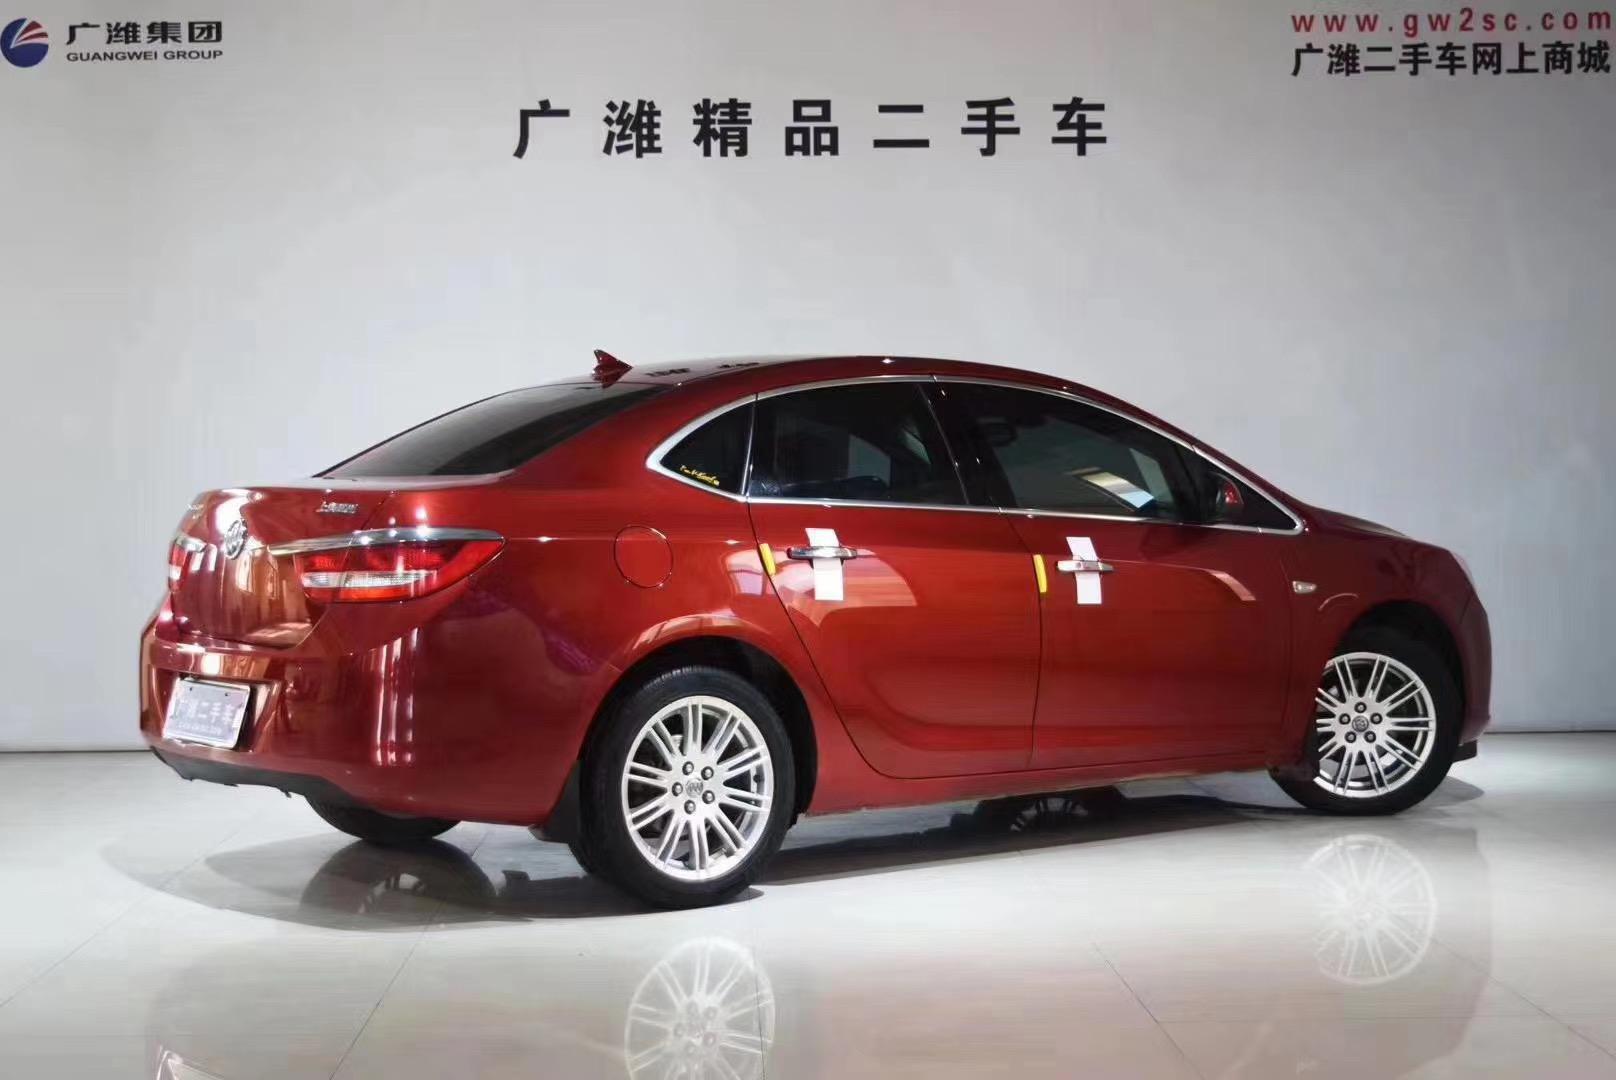 潍坊临朐县二手车销售_二手车售价相关-潍坊广潍二手车交易市场有限公司